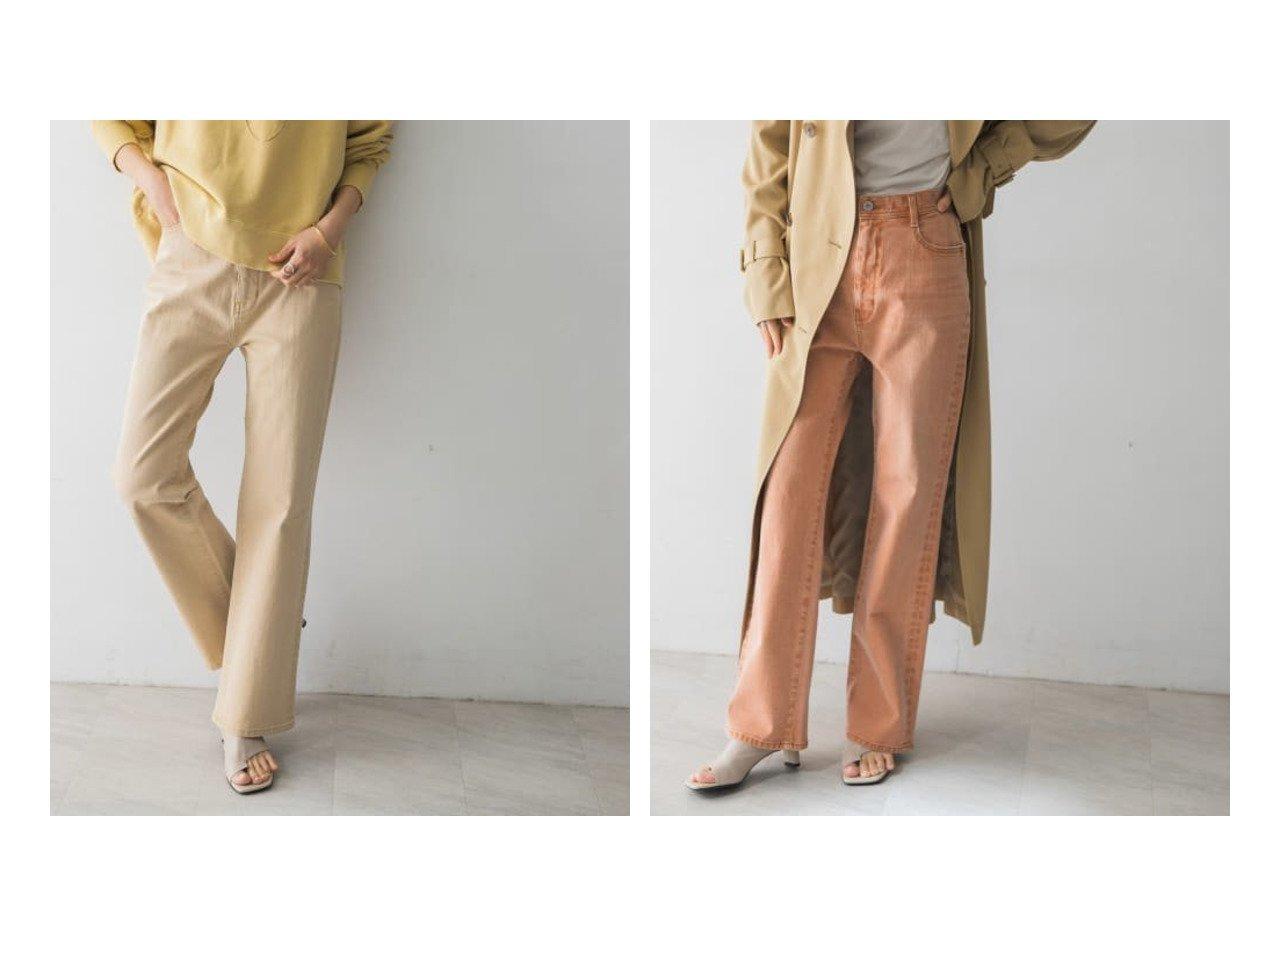 【URBAN RESEARCH/アーバンリサーチ】のMARITASDENIMセミフレアパンツ パンツのおすすめ!人気、トレンド・レディースファッションの通販 おすすめで人気の流行・トレンド、ファッションの通販商品 メンズファッション・キッズファッション・インテリア・家具・レディースファッション・服の通販 founy(ファニー) https://founy.com/ ファッション Fashion レディースファッション WOMEN パンツ Pants デニムパンツ Denim Pants 春 Spring シンプル ストレッチ デニム トレンド ポケット リブニット 再入荷 Restock/Back in Stock/Re Arrival |ID:crp329100000024697